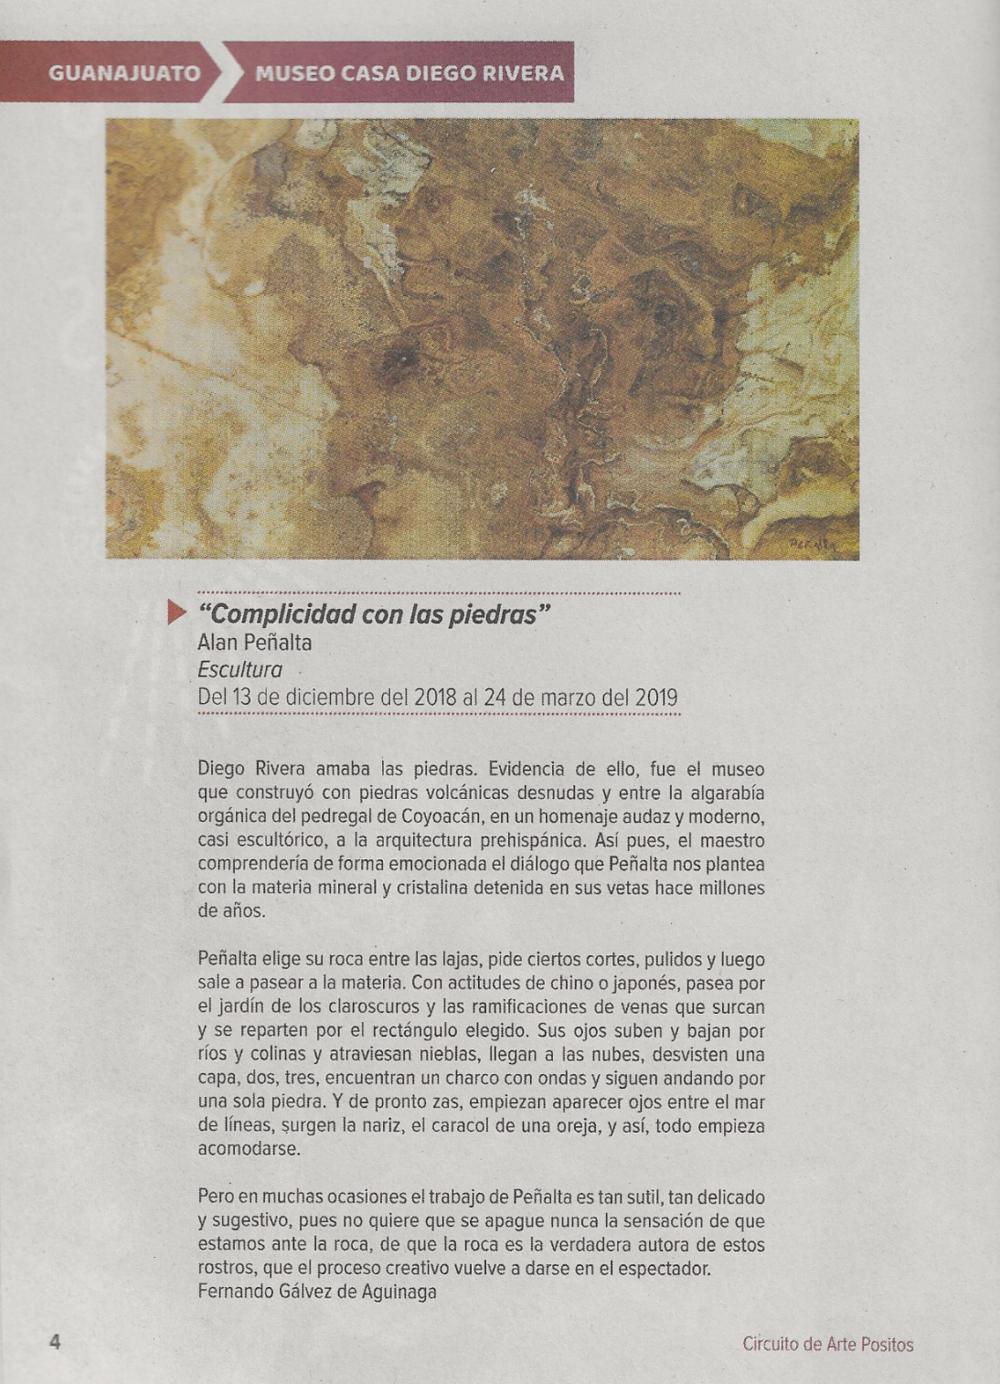 Catálogo completo en :  https://issuu.com/culturagtomx/docs/catalogo_cee_invierno_2018_issuu